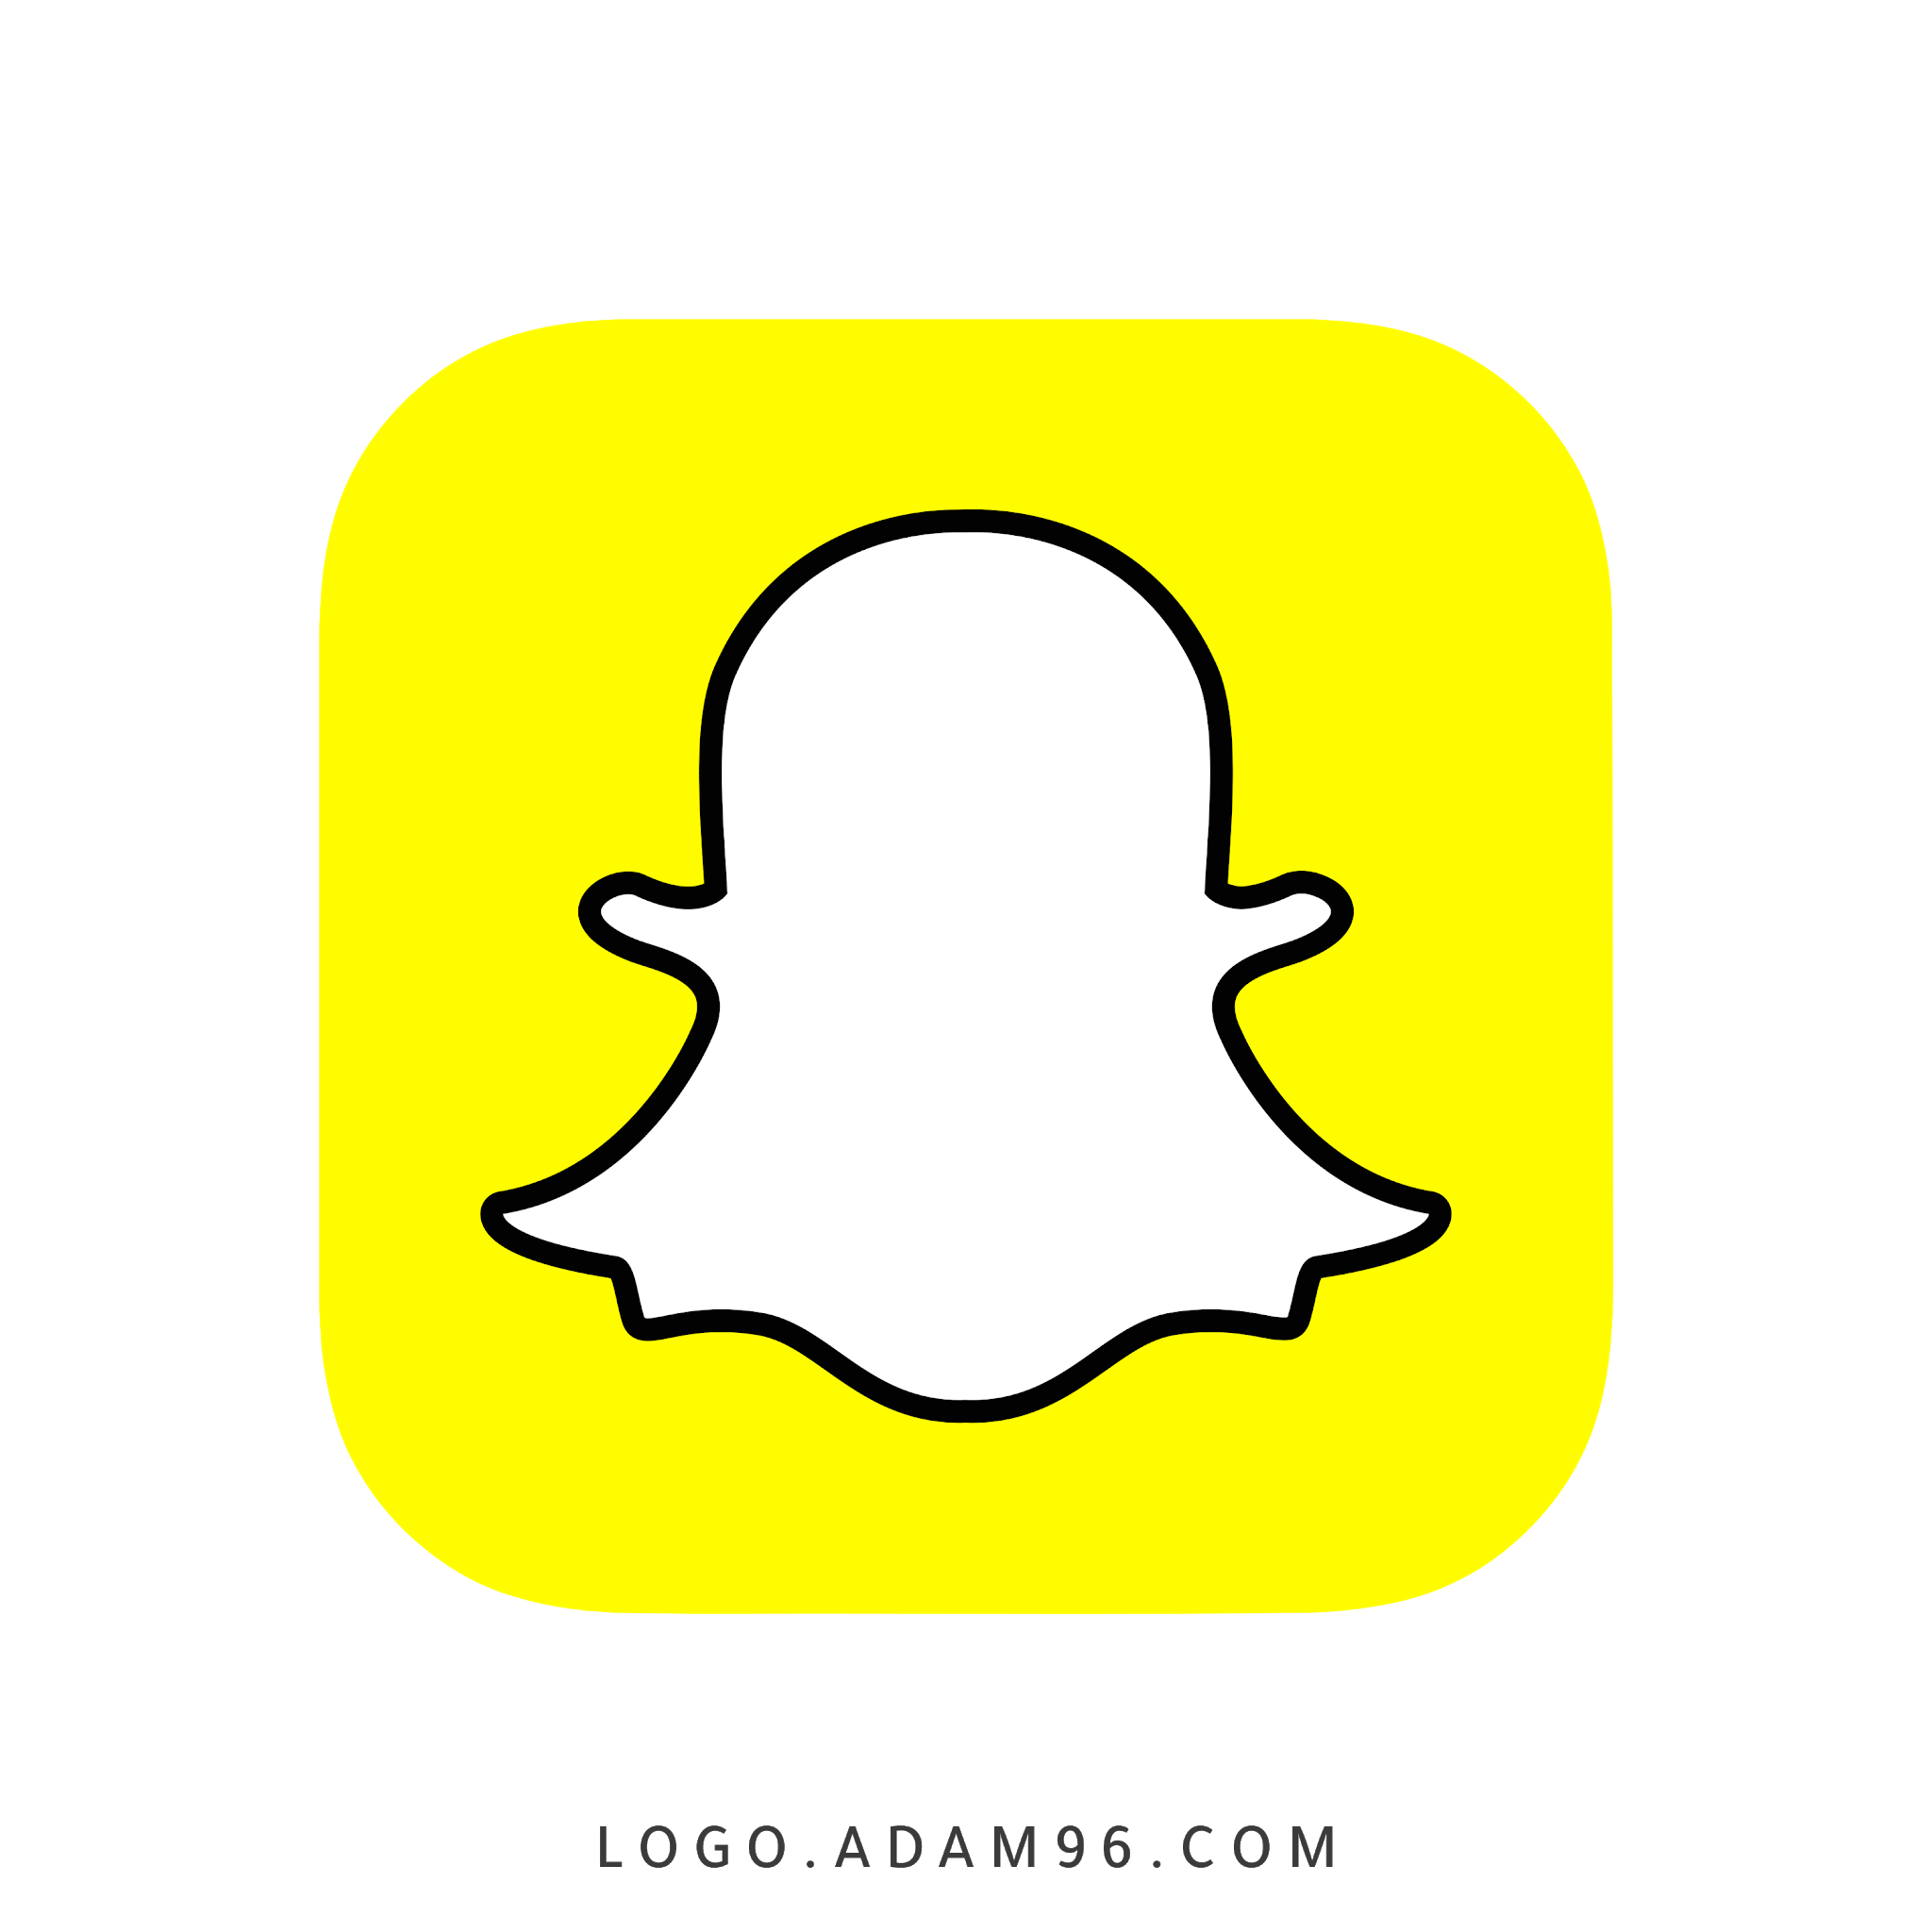 تحميل شعار سناب شات الرسمي لوجو بدقة عالية Logo Snapchat